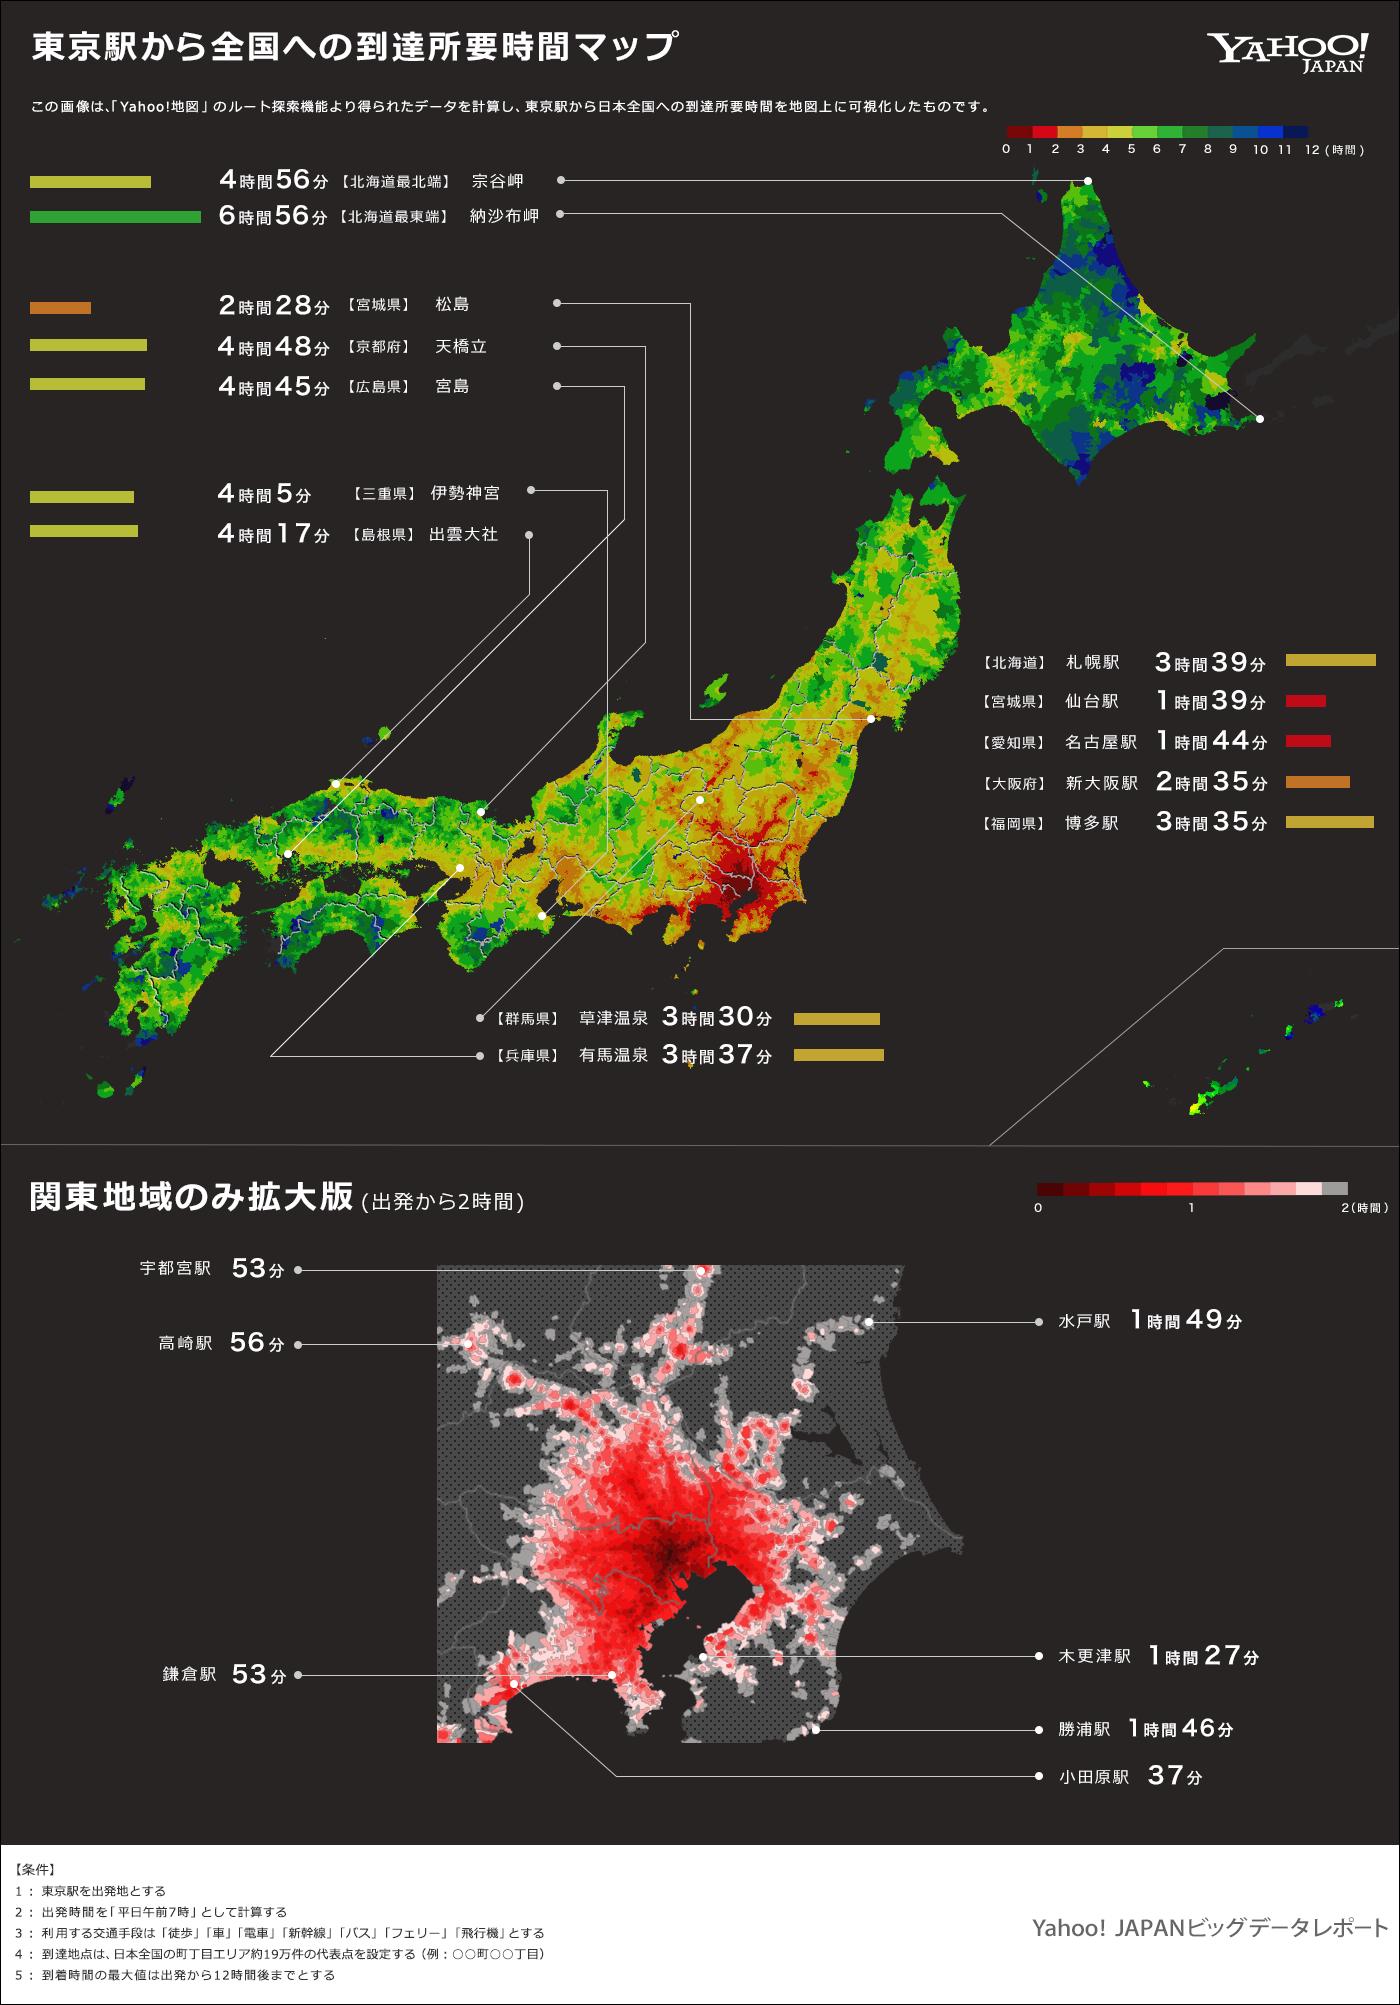 東京駅から日本全国への「到達所要時間マップ」の図